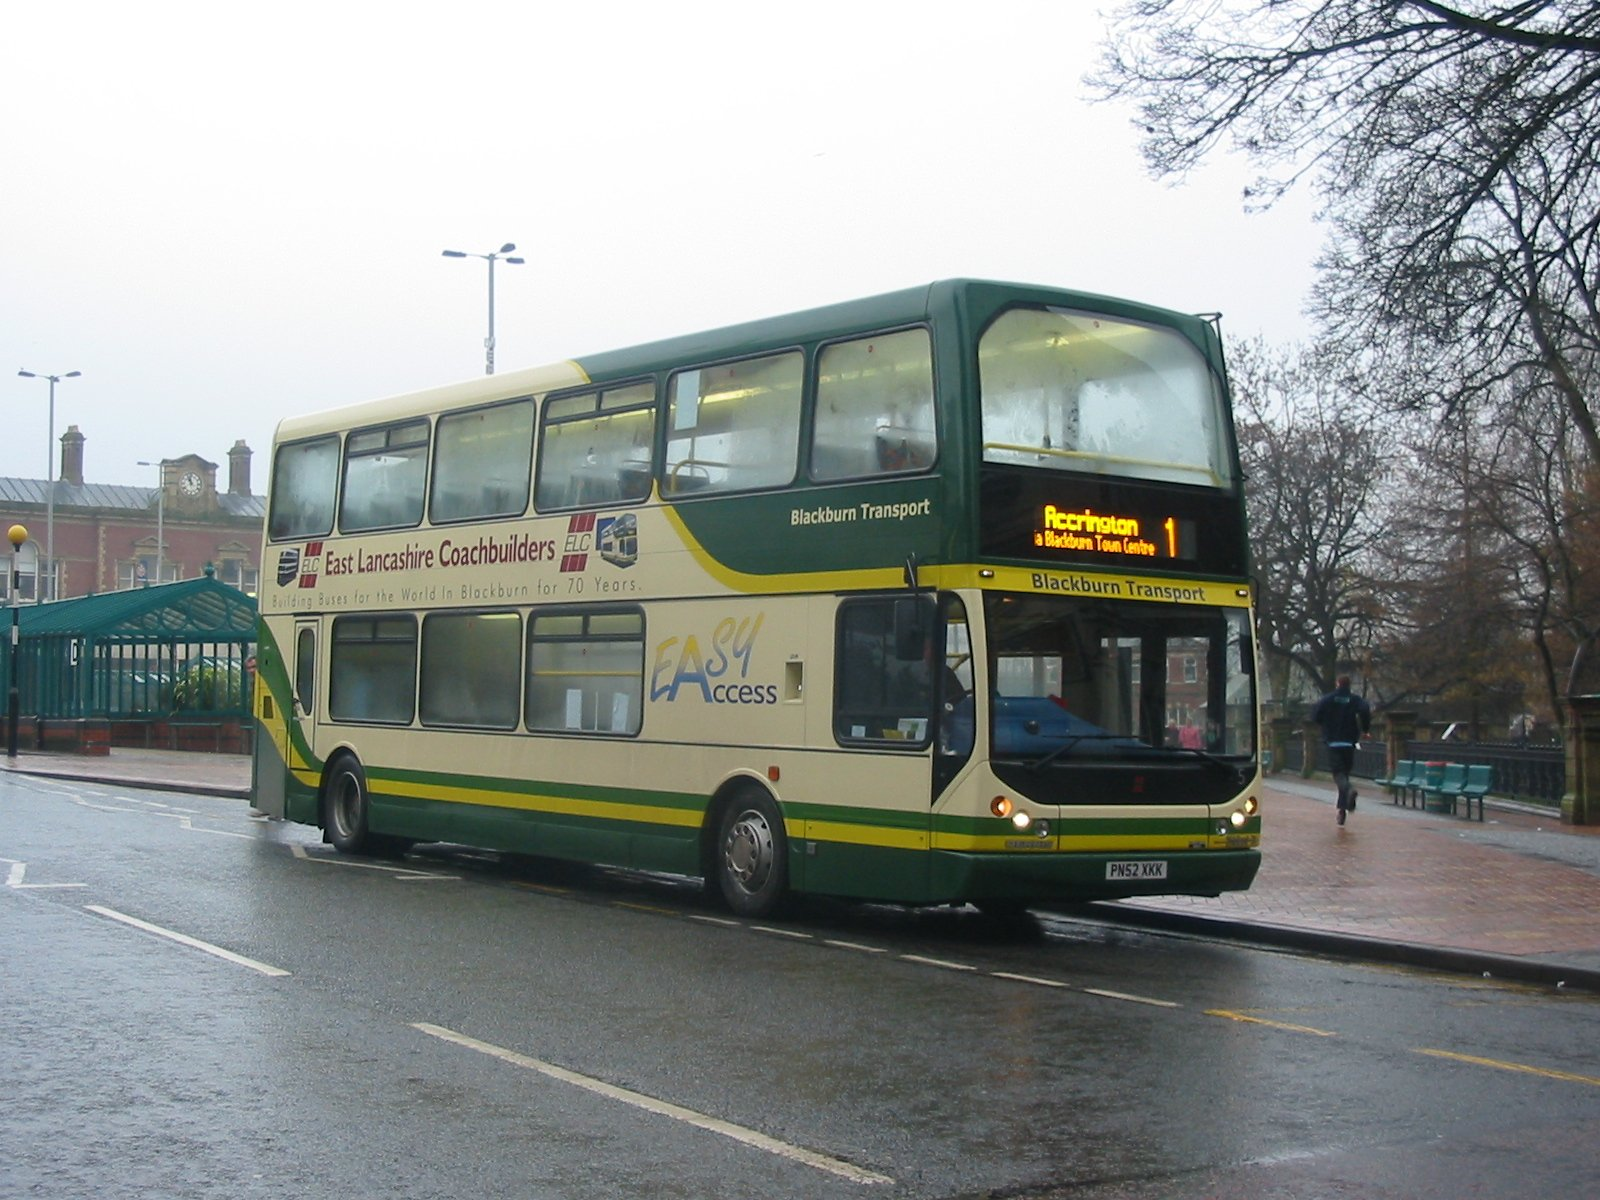 Blackburn Transport - Wikipedia